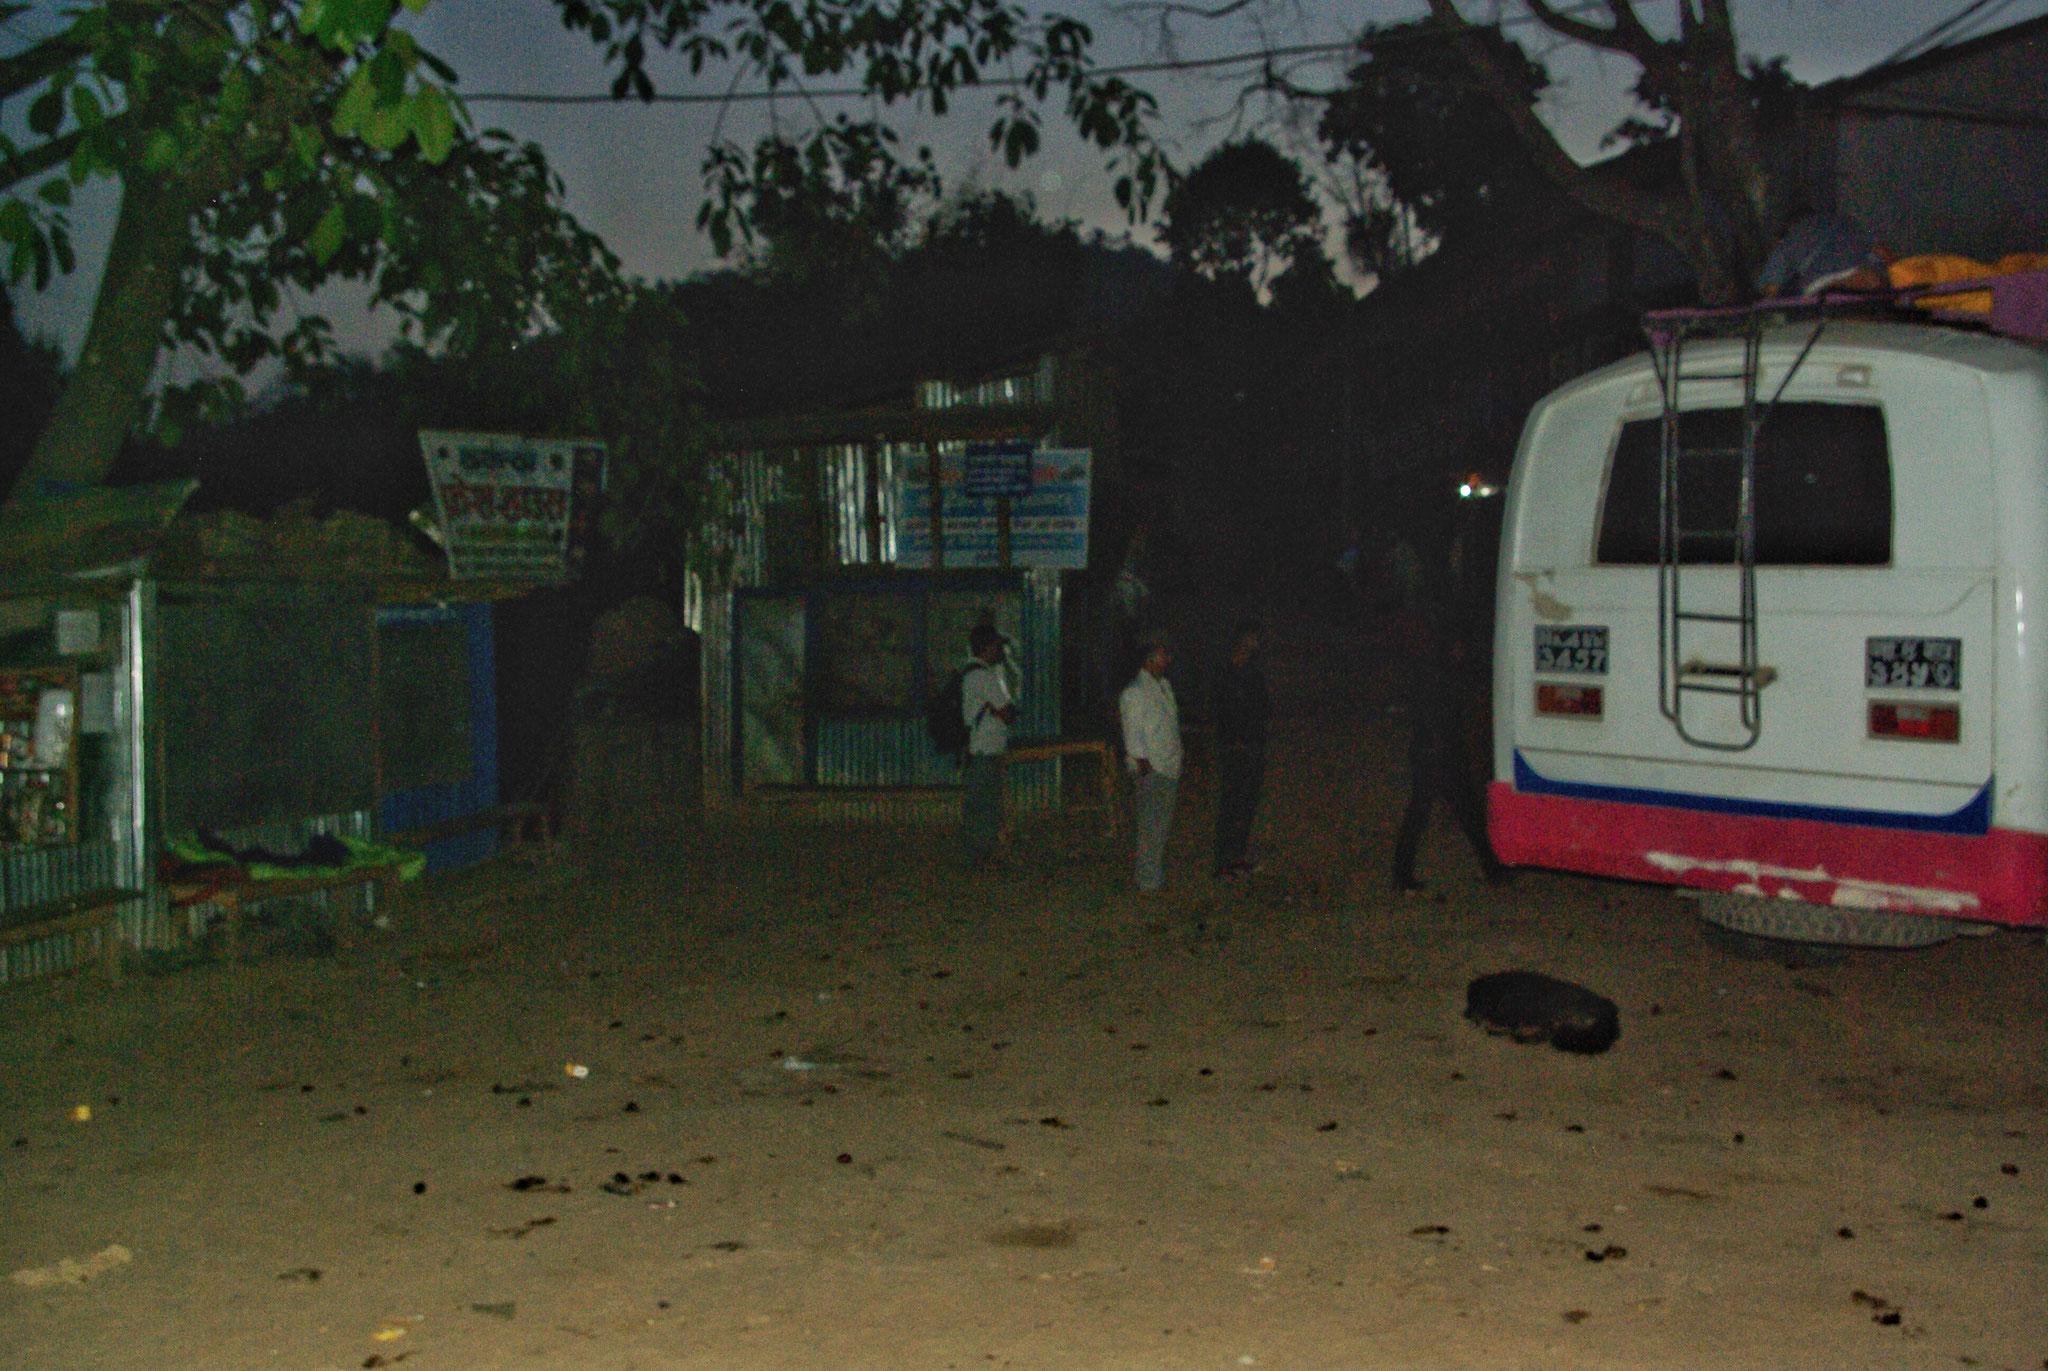 Mein Schlafplatz vor dem Kiosk links